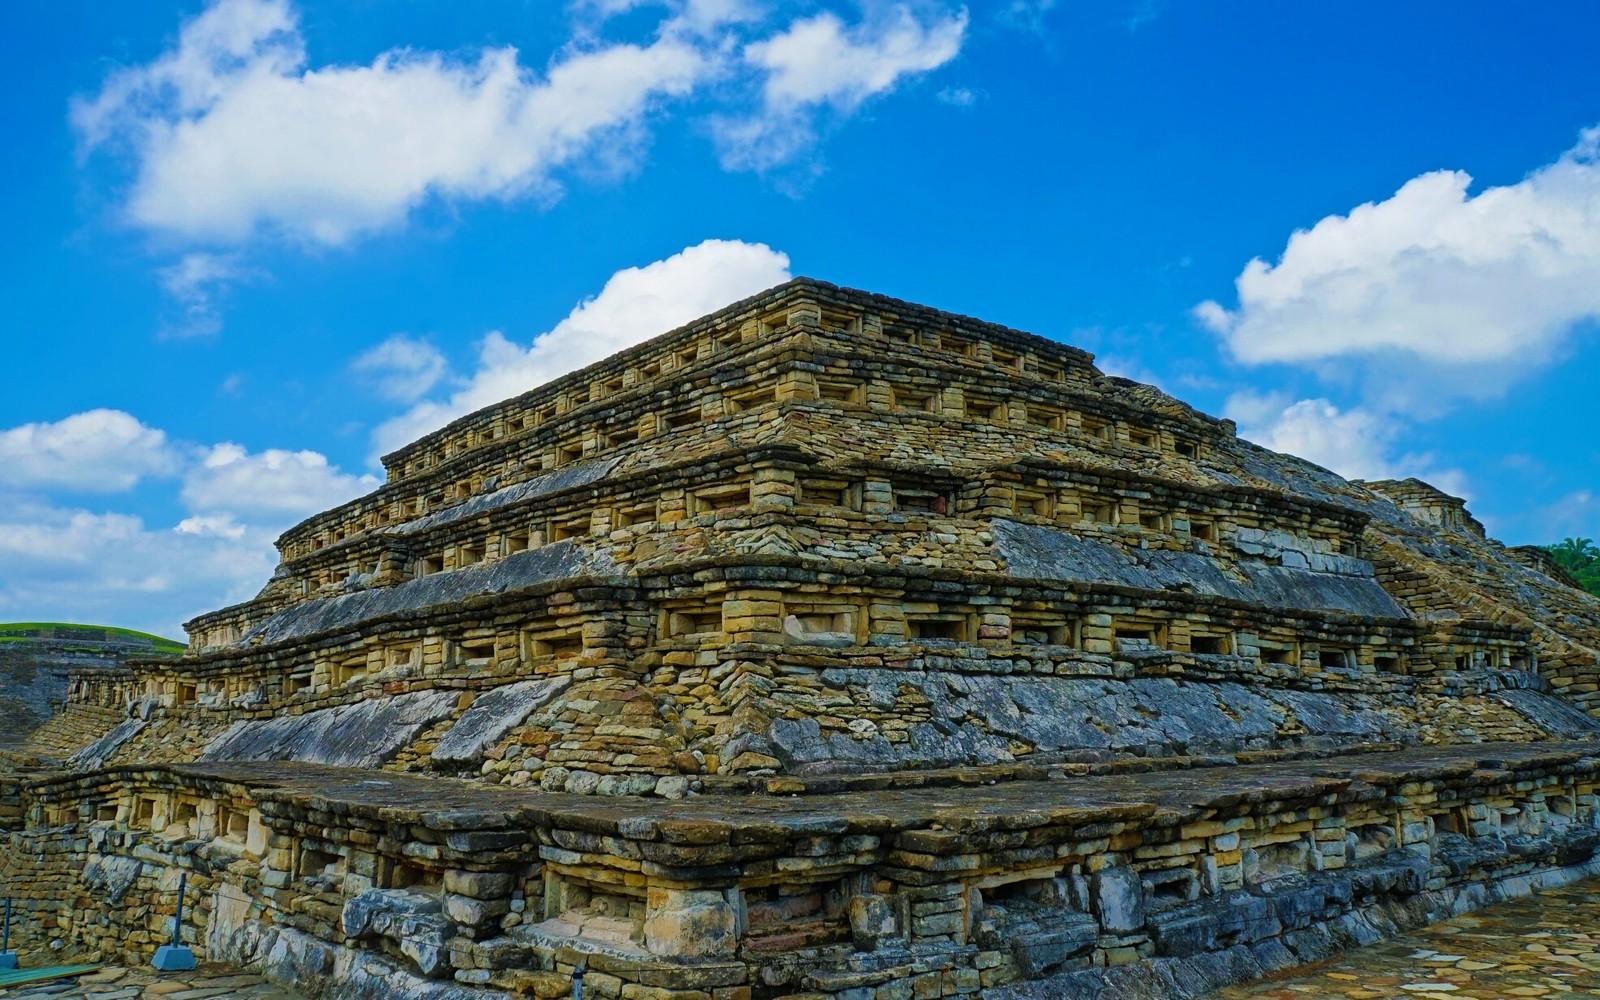 Voyage Sur les traces des civilisations préhispaniques au Mexique